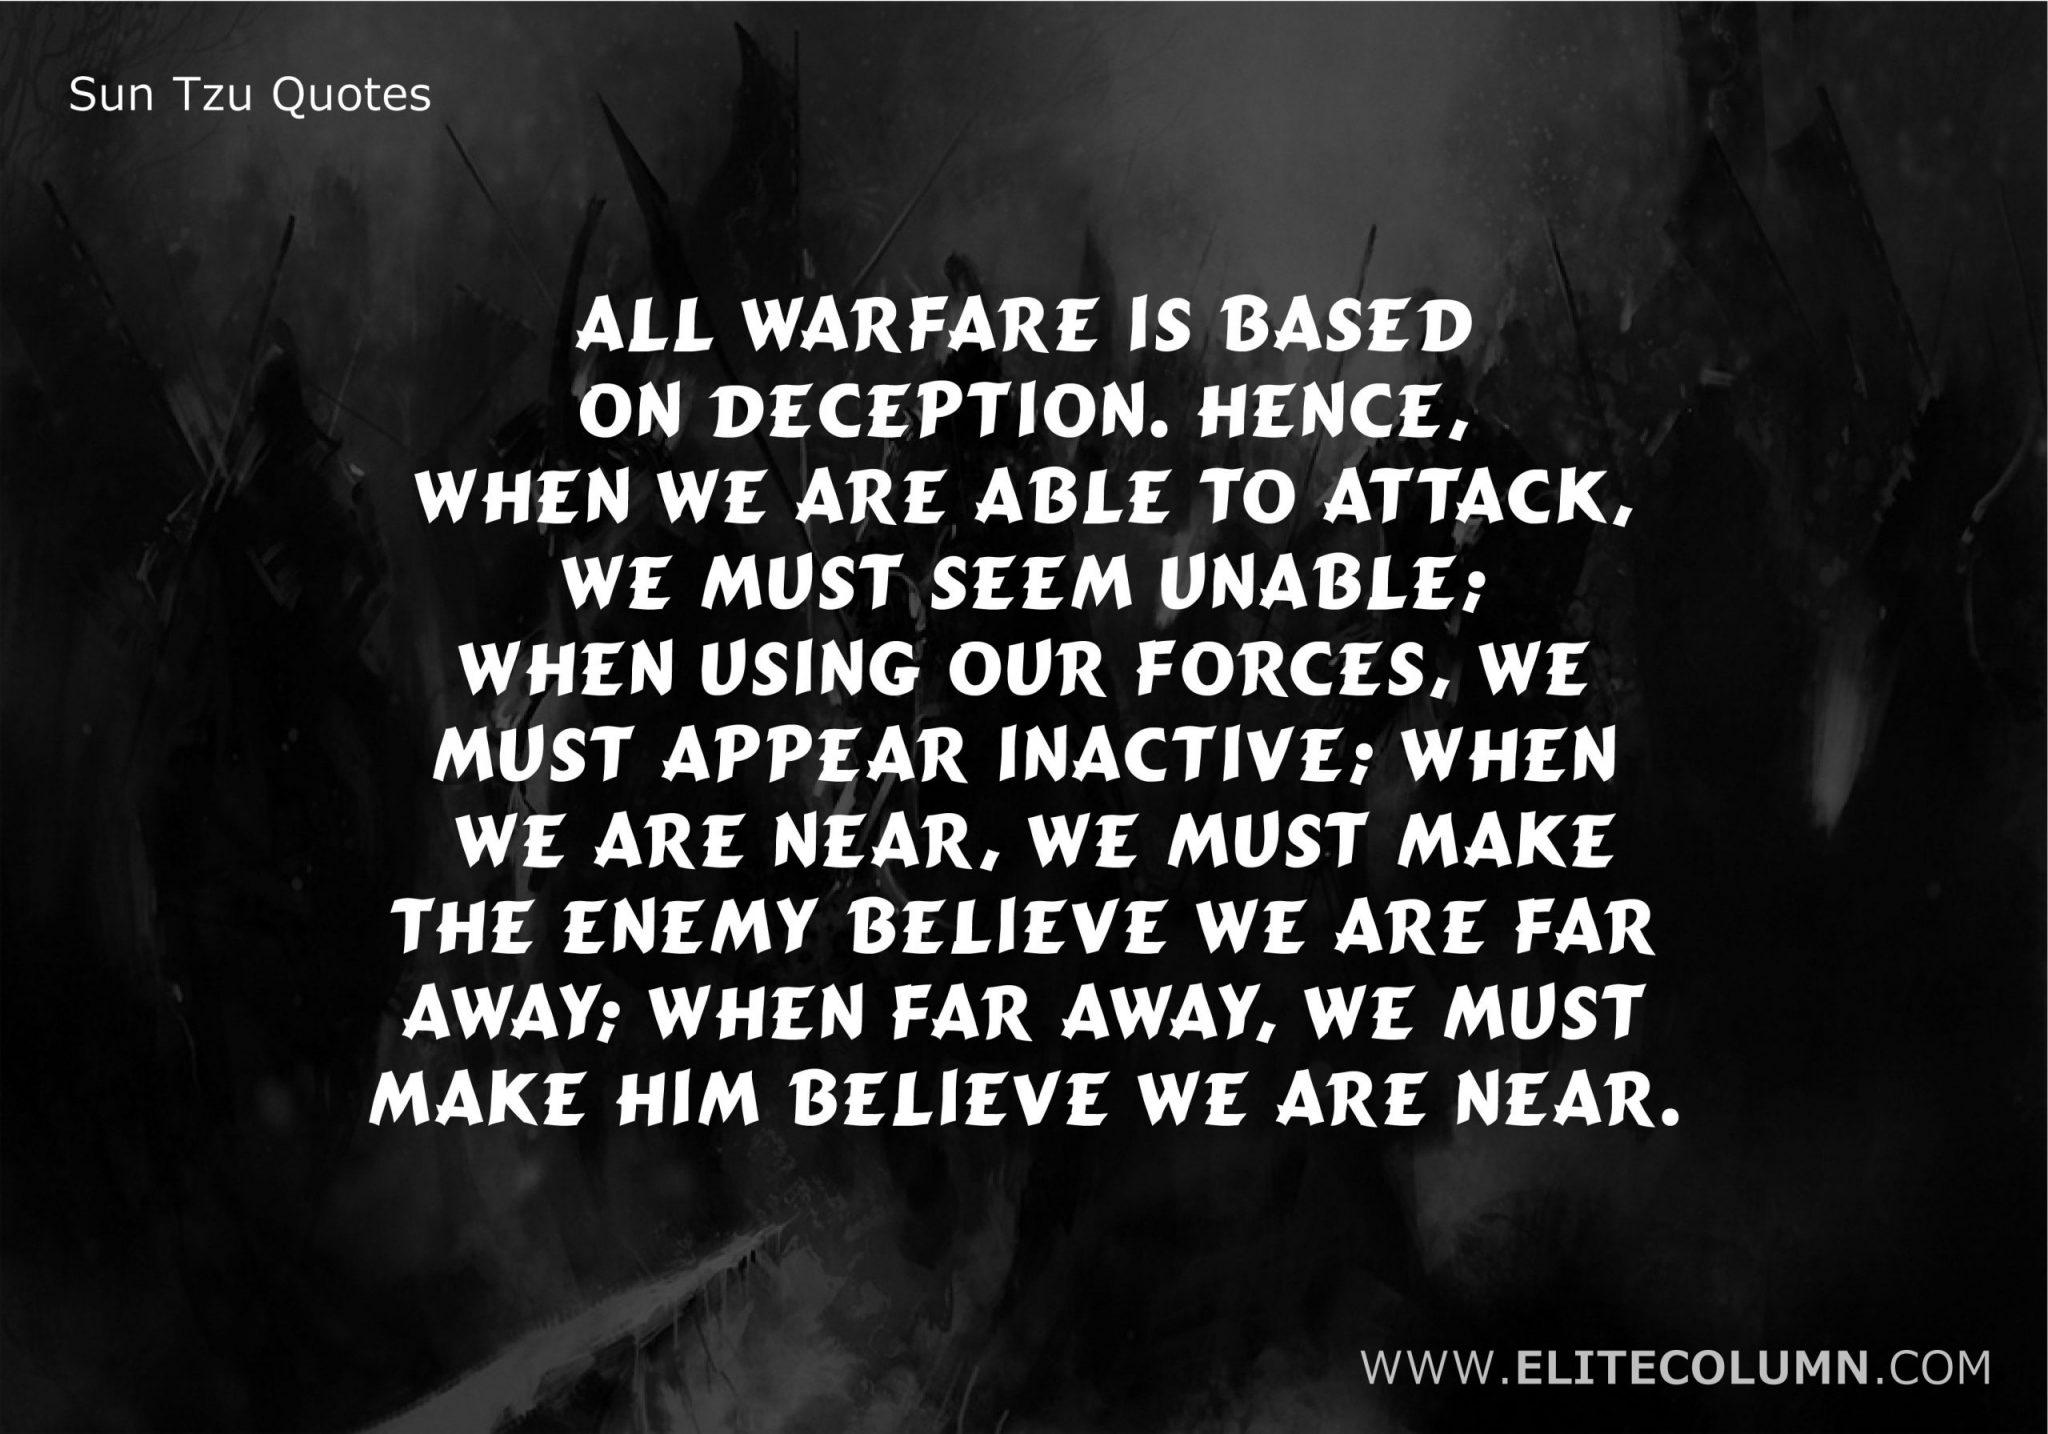 Sun Tzu Quotes (7)